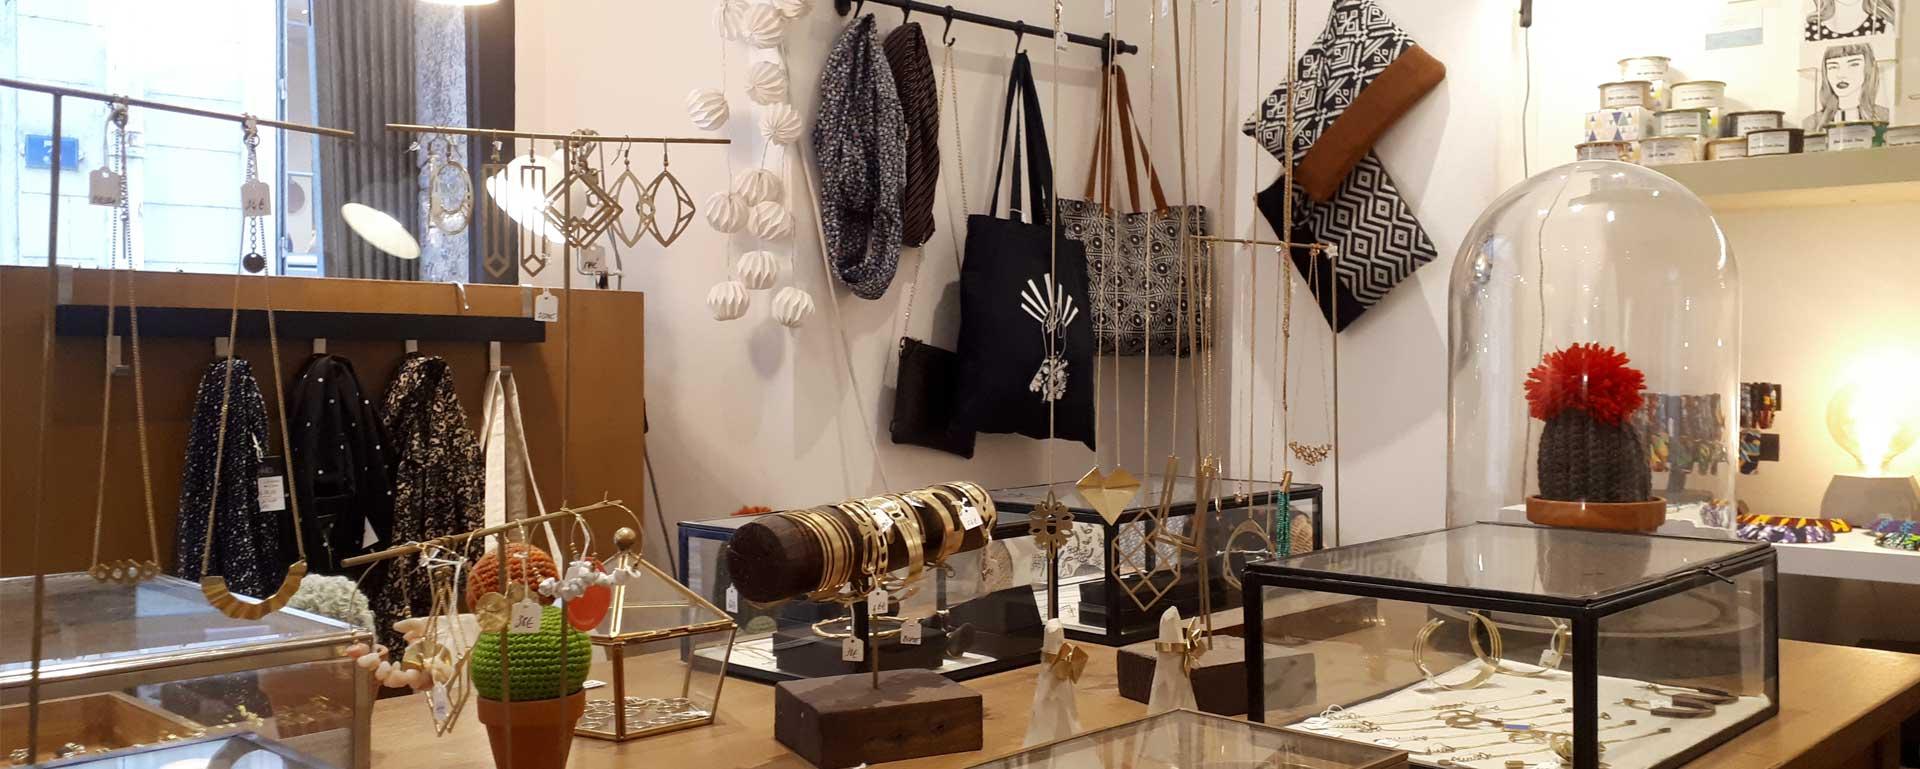 artisanat lyon bijoux créateurs fantaisie boutique alchimies maroquinerie foulard illustrations